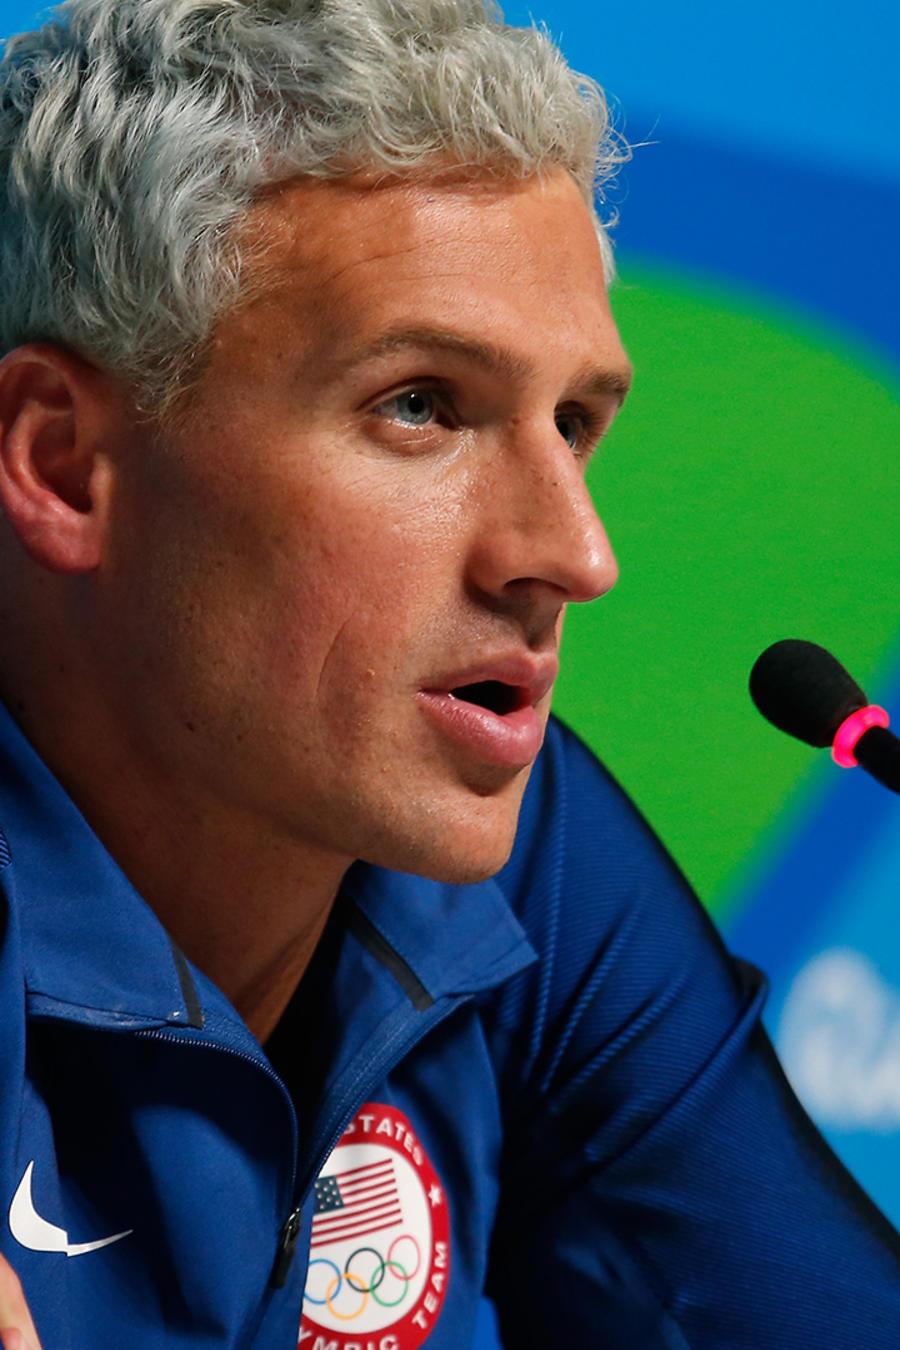 El nadador de EEUU Ryan Lochte en conferencia de prensa en Río de Janeiro el 12 de Agosto del 2016